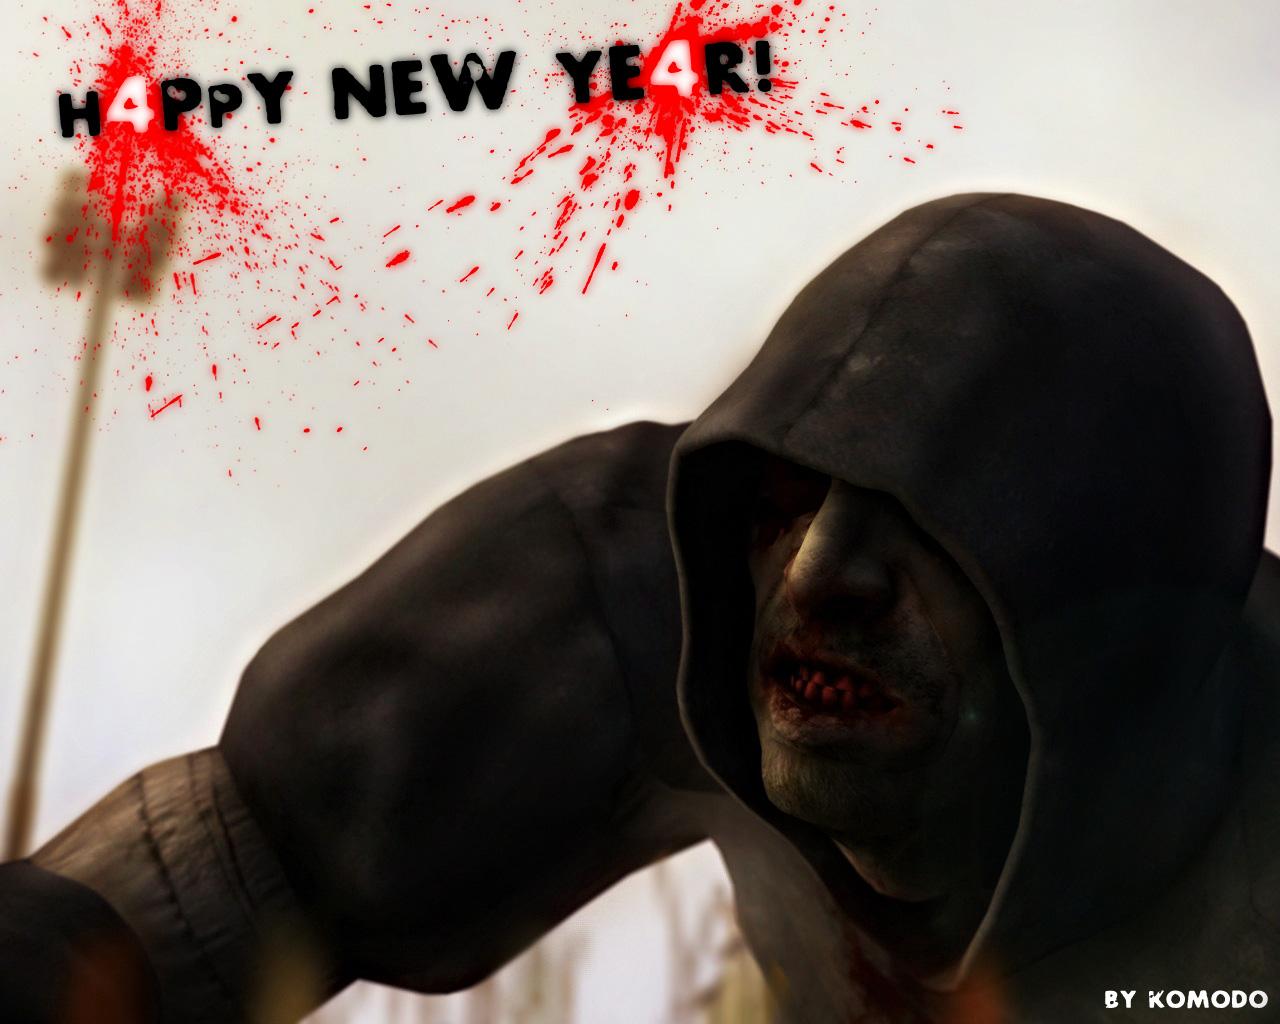 H4PPY NEW YE4R! - Left 4 Dead